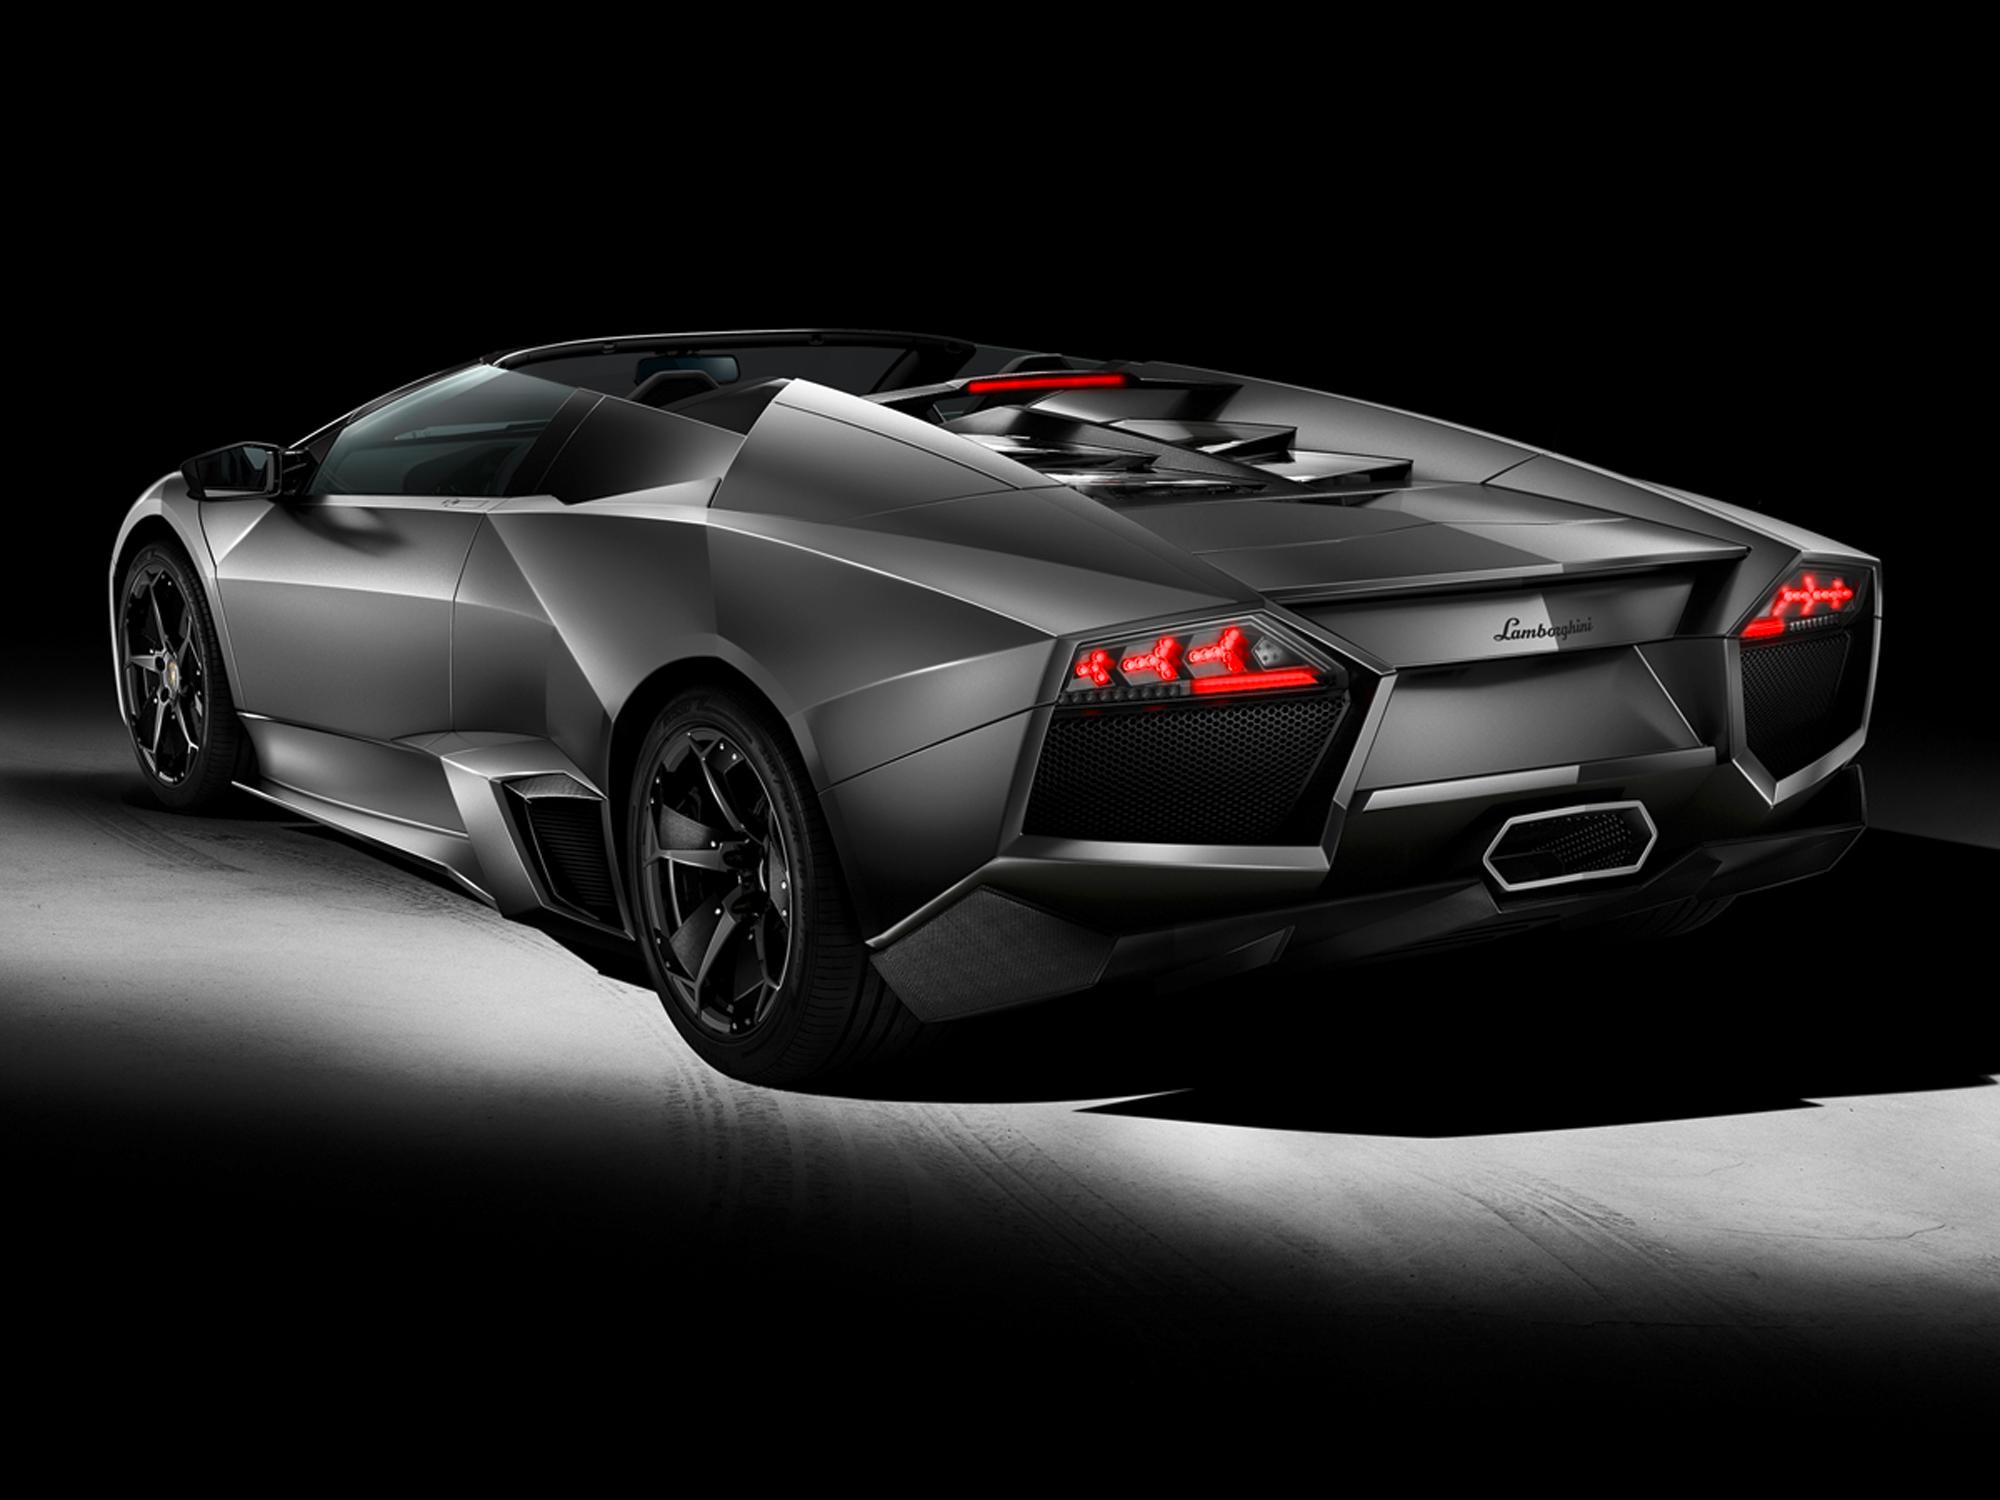 Lamborghini Reventon Roadster Pics Specs At Motoringexposure Com